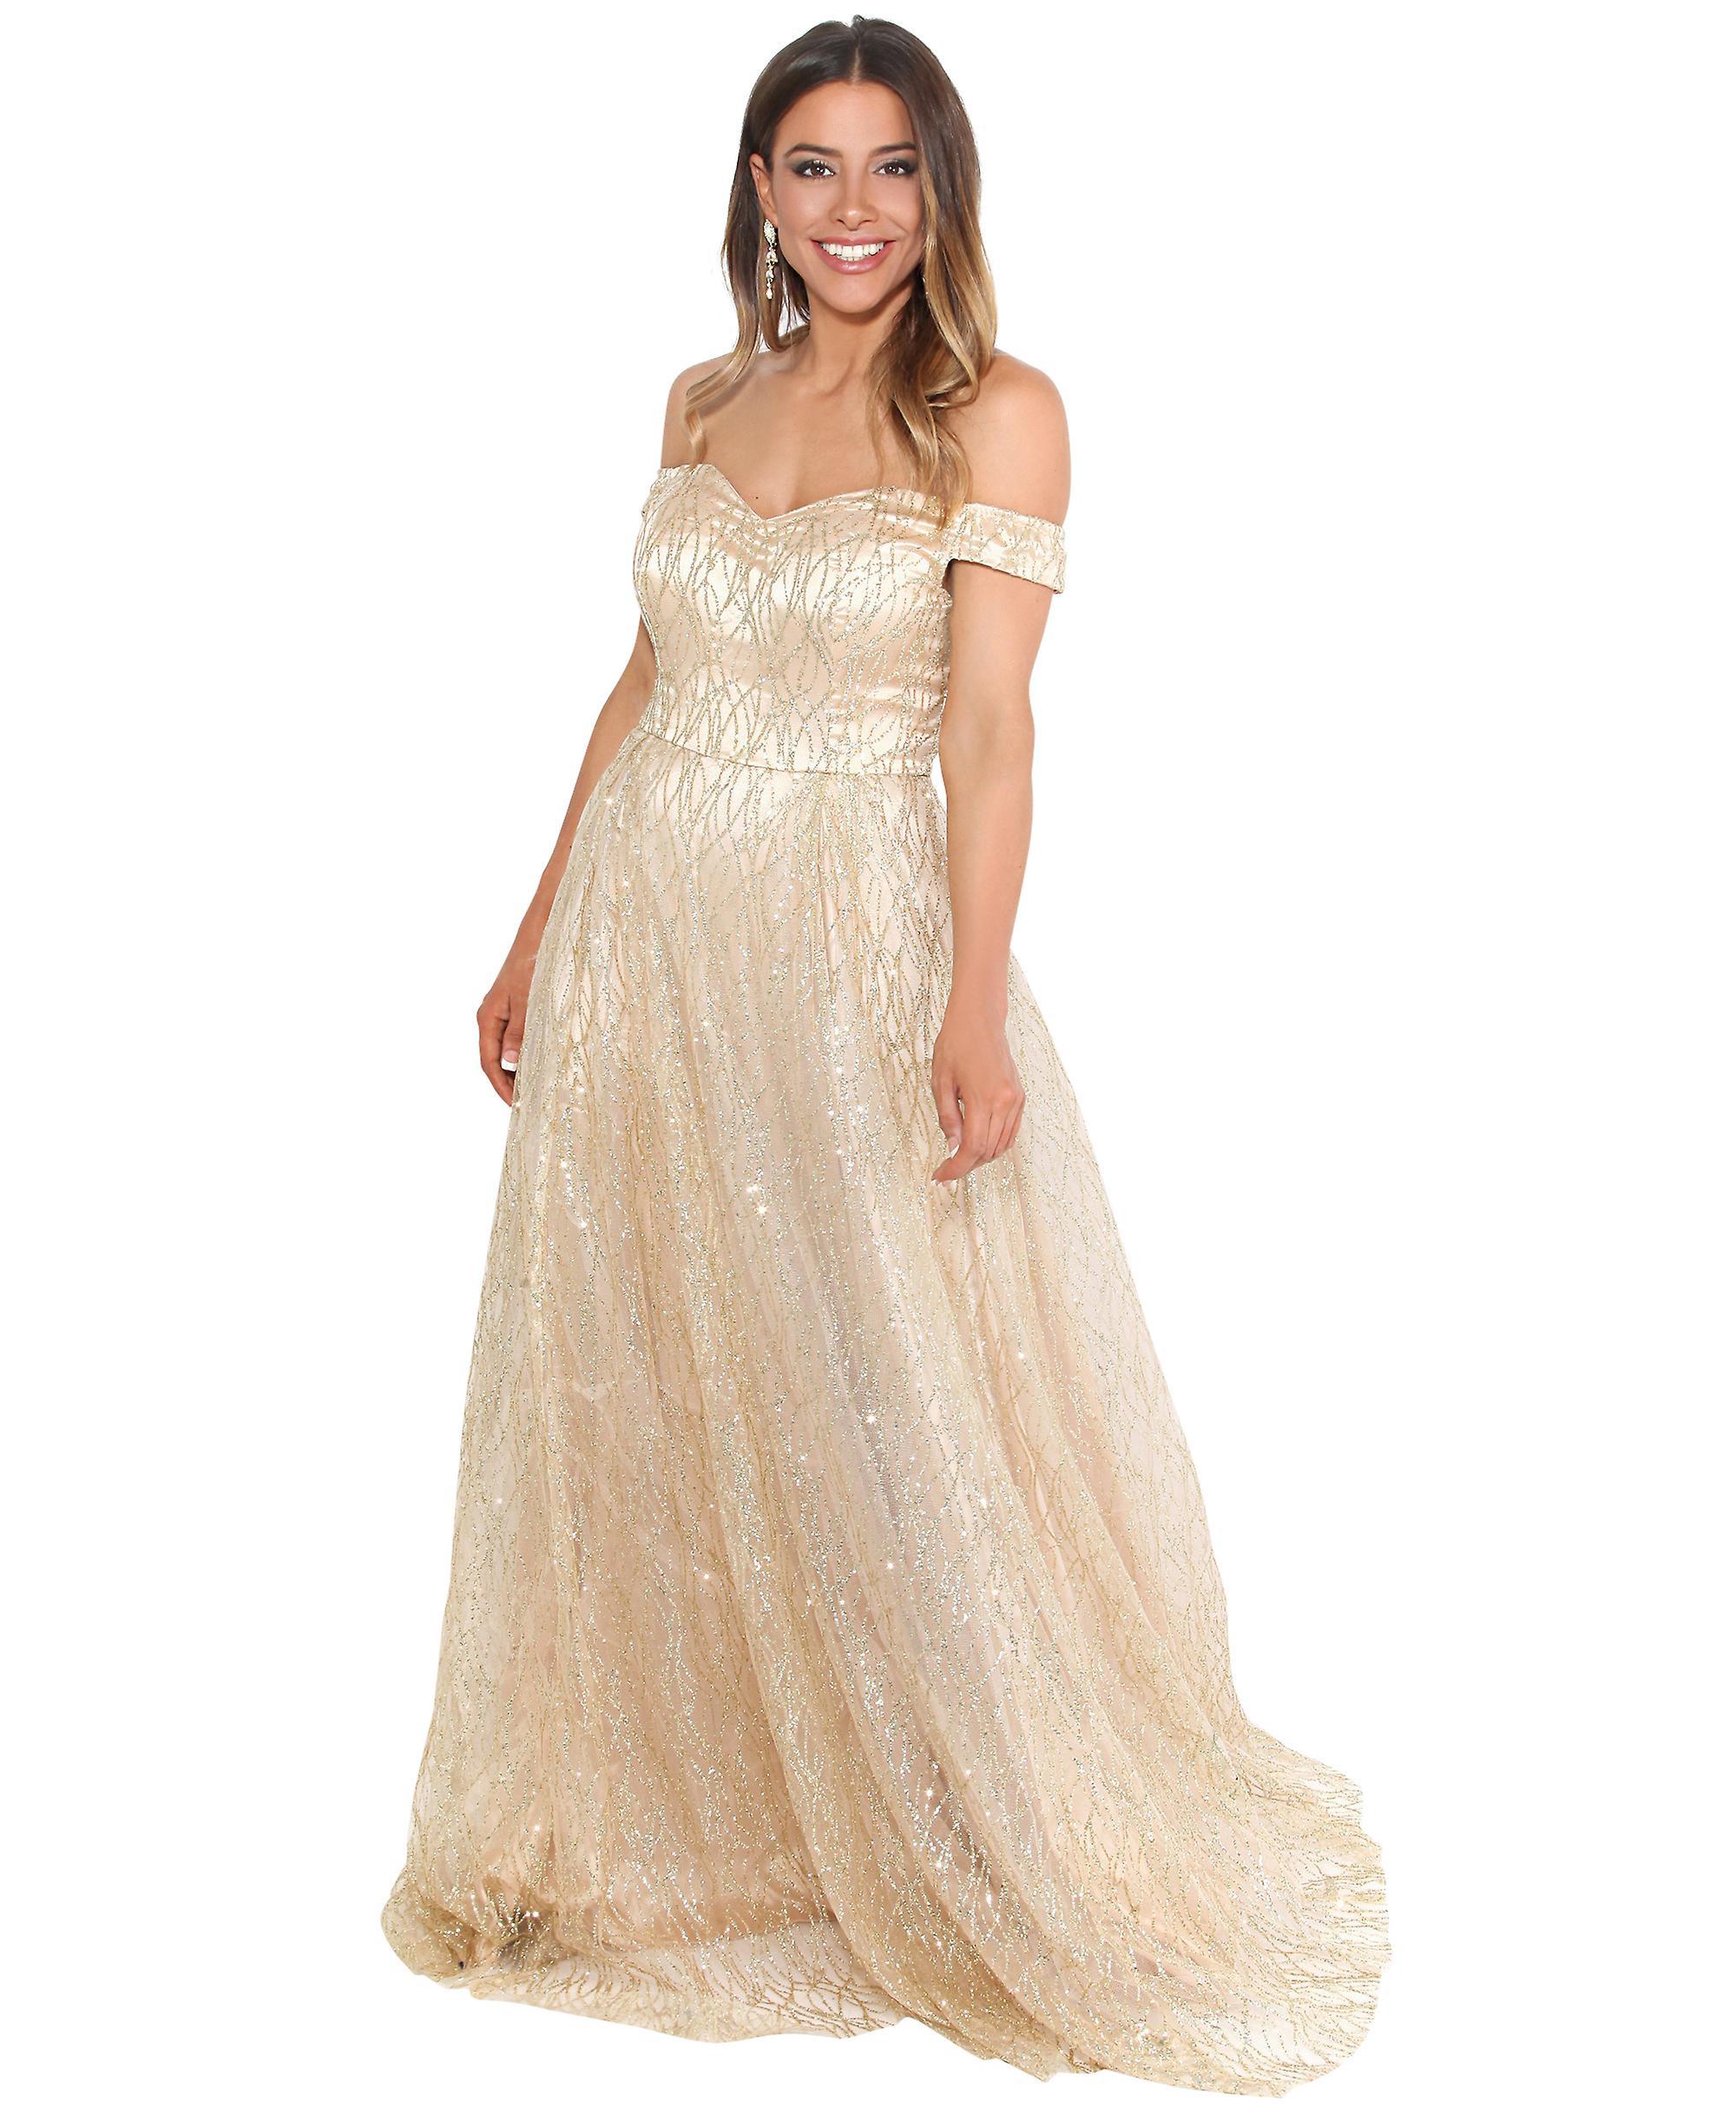 20 Schön Kleid Abend Hochzeit BoutiqueDesigner Luxurius Kleid Abend Hochzeit Galerie